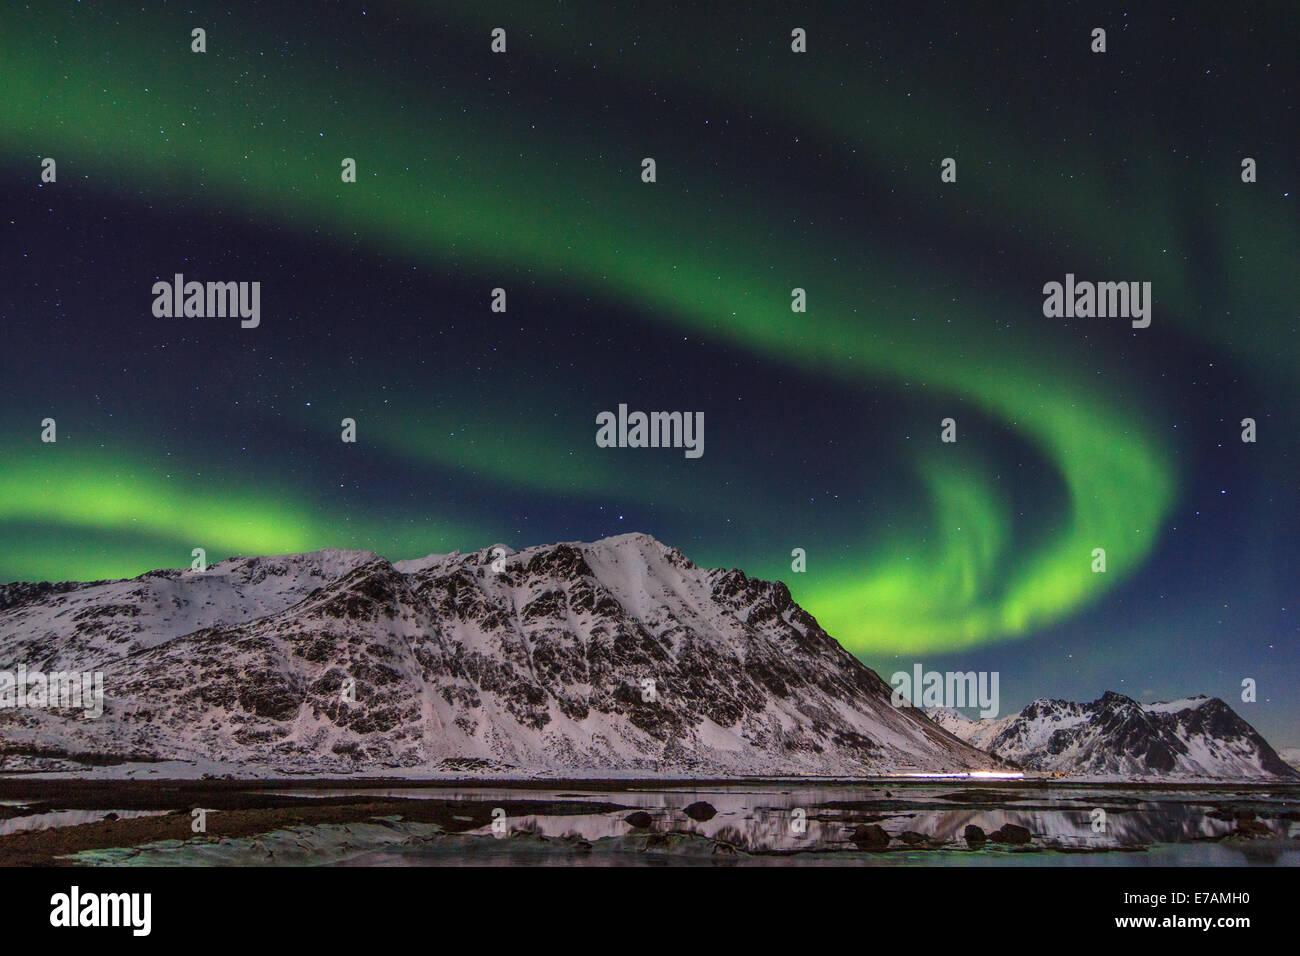 Luci del Nord sui fiordi norvegesi Foto Stock